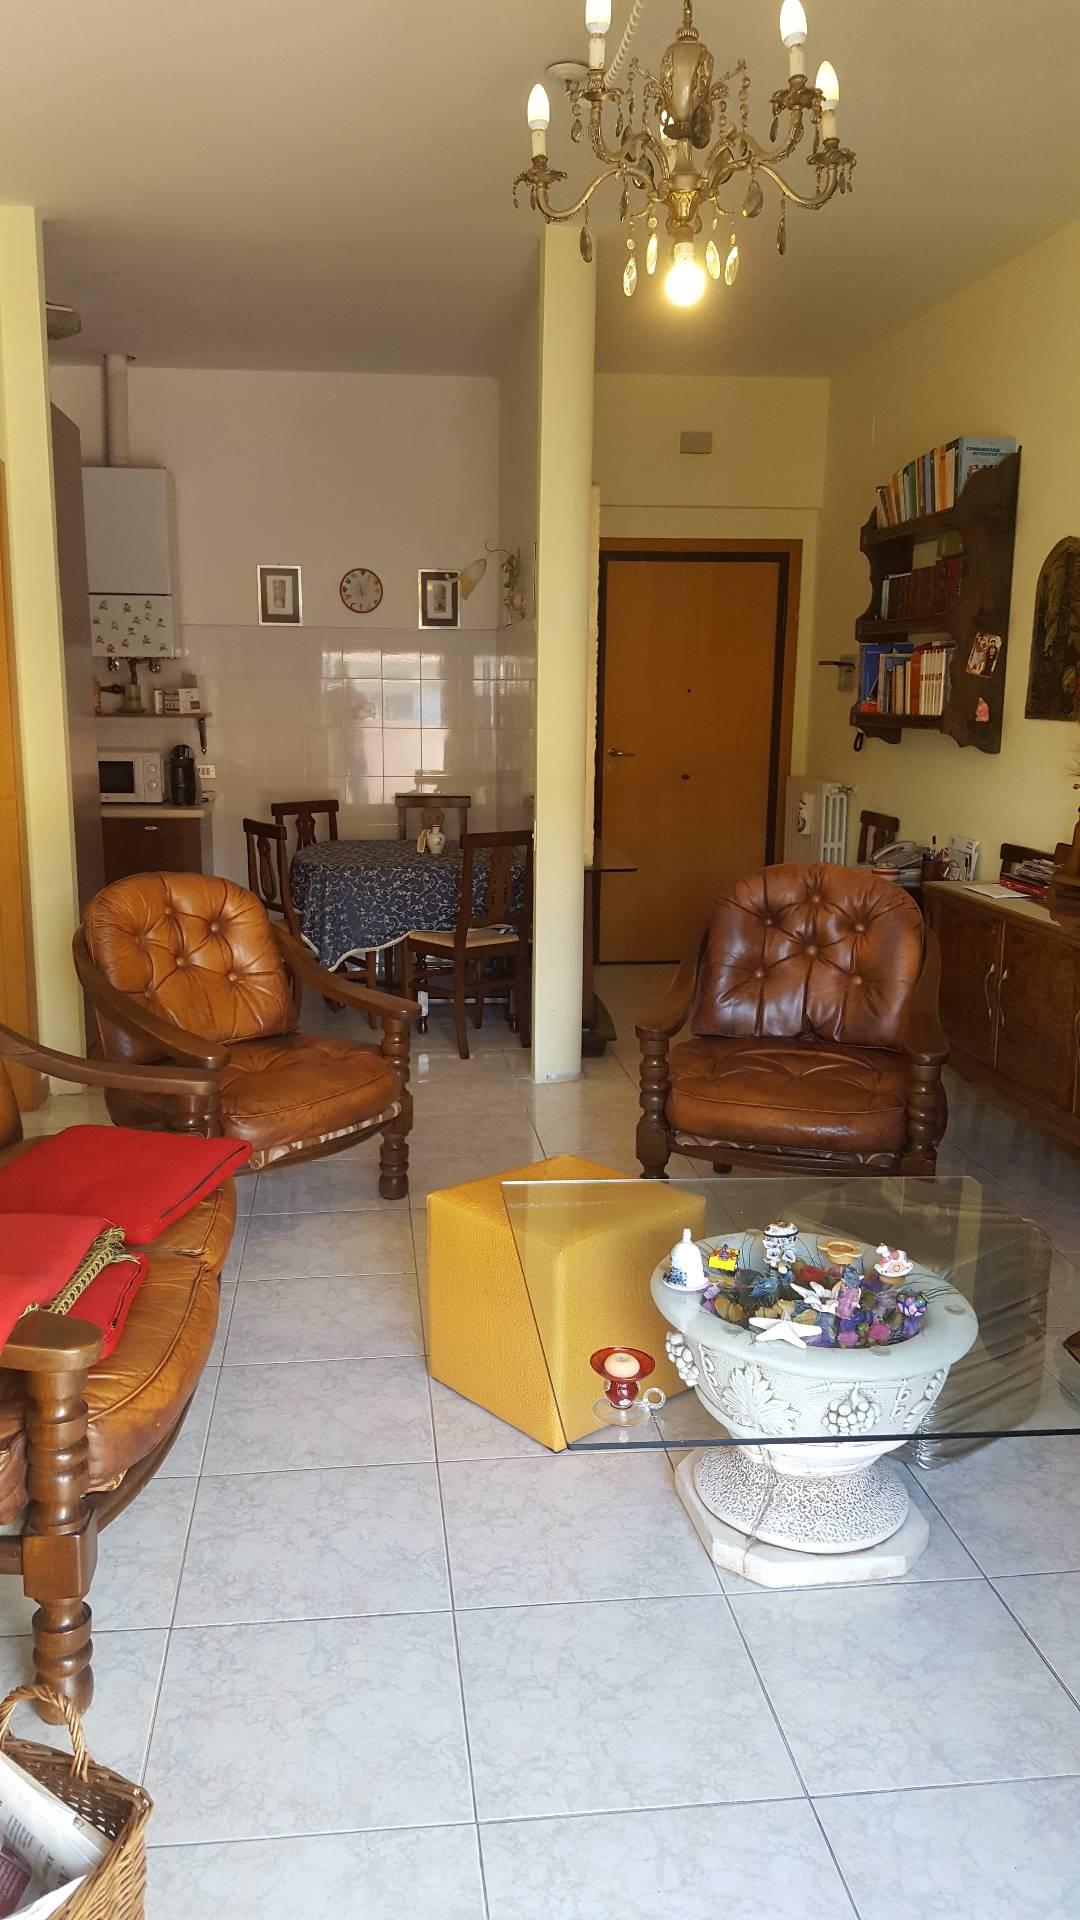 Attico / Mansarda in vendita a Teramo, 4 locali, zona Località: Primaperiferia, prezzo € 135.000   Cambio Casa.it